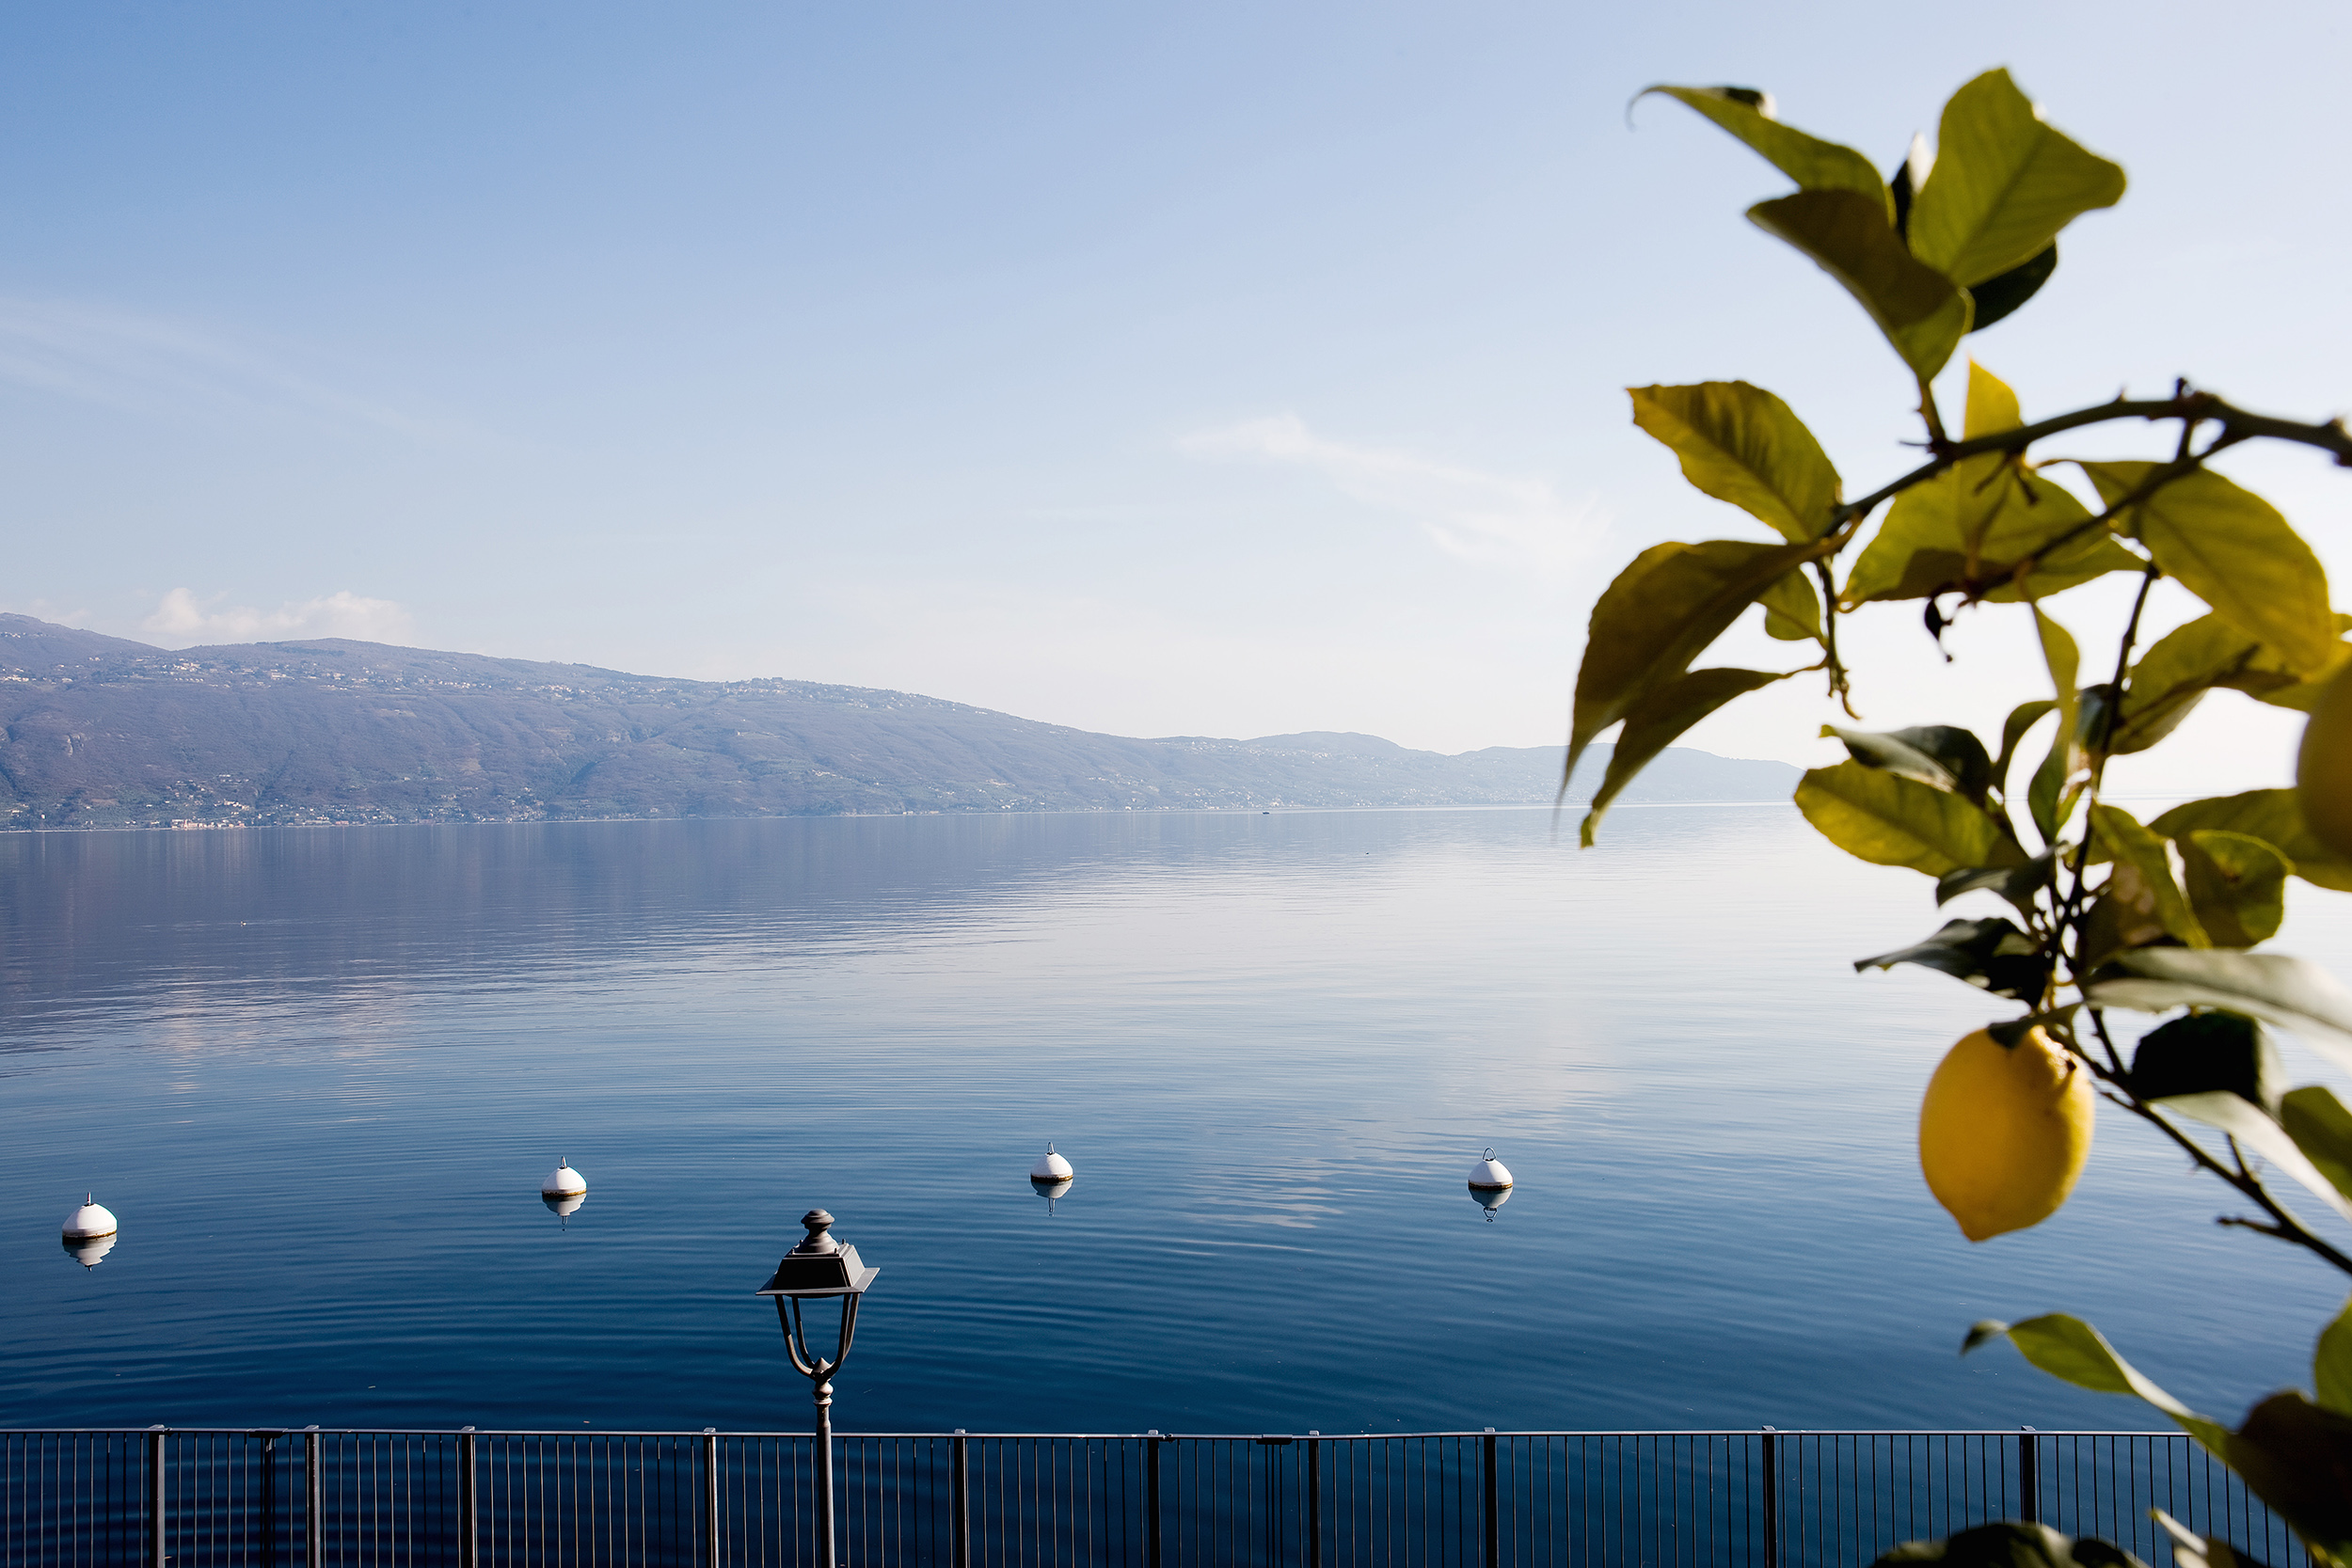 La trattoria si trova immersa nella meravigliosa cornice del lago di Garda